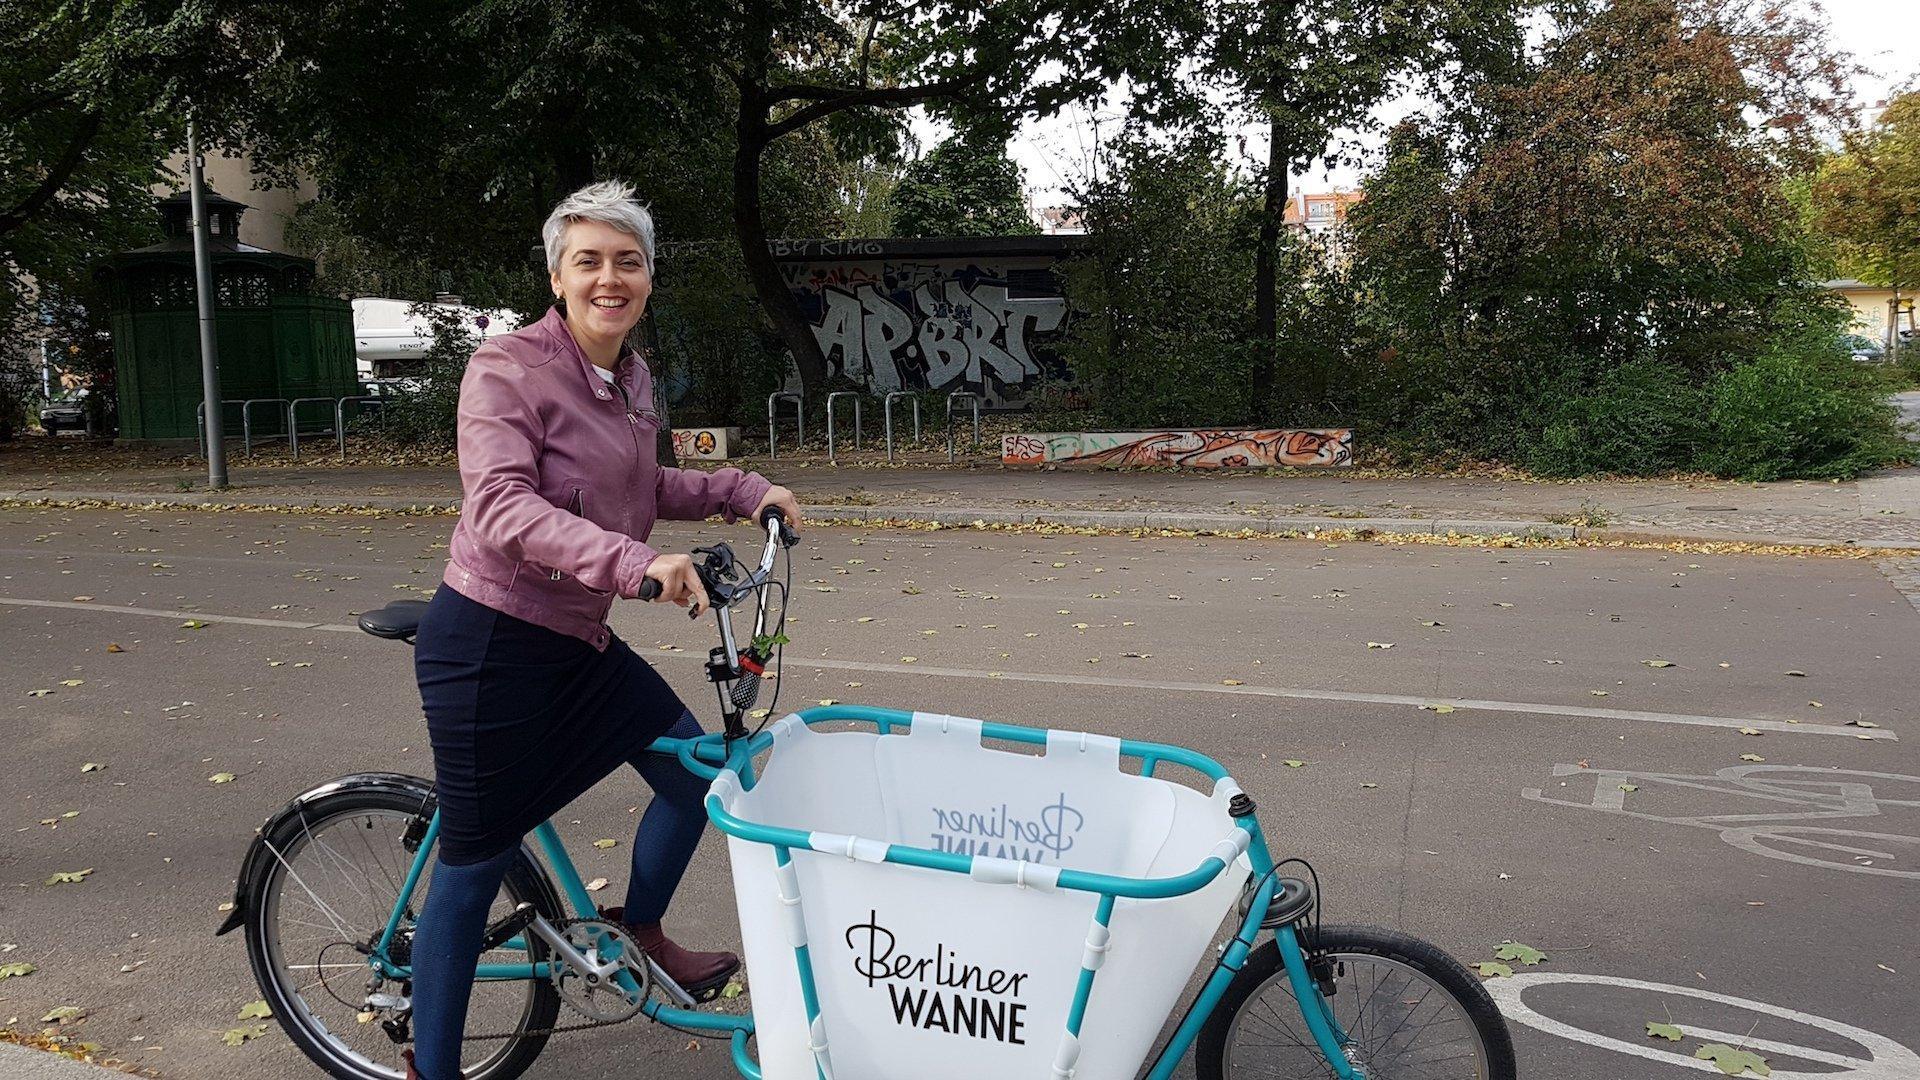 """Die Mobilitätsforscherin Sophia Becker steht mit einem Lastenrad auf einer zweispurigen Straße. Das Lastenrad hat einen türkisfahrbenenn Rahmen und vor dem Lenker eine weiße Box. In türkisfarbener Schrift  steht """"Berliner Wanne"""" auf der Lastenradbox."""